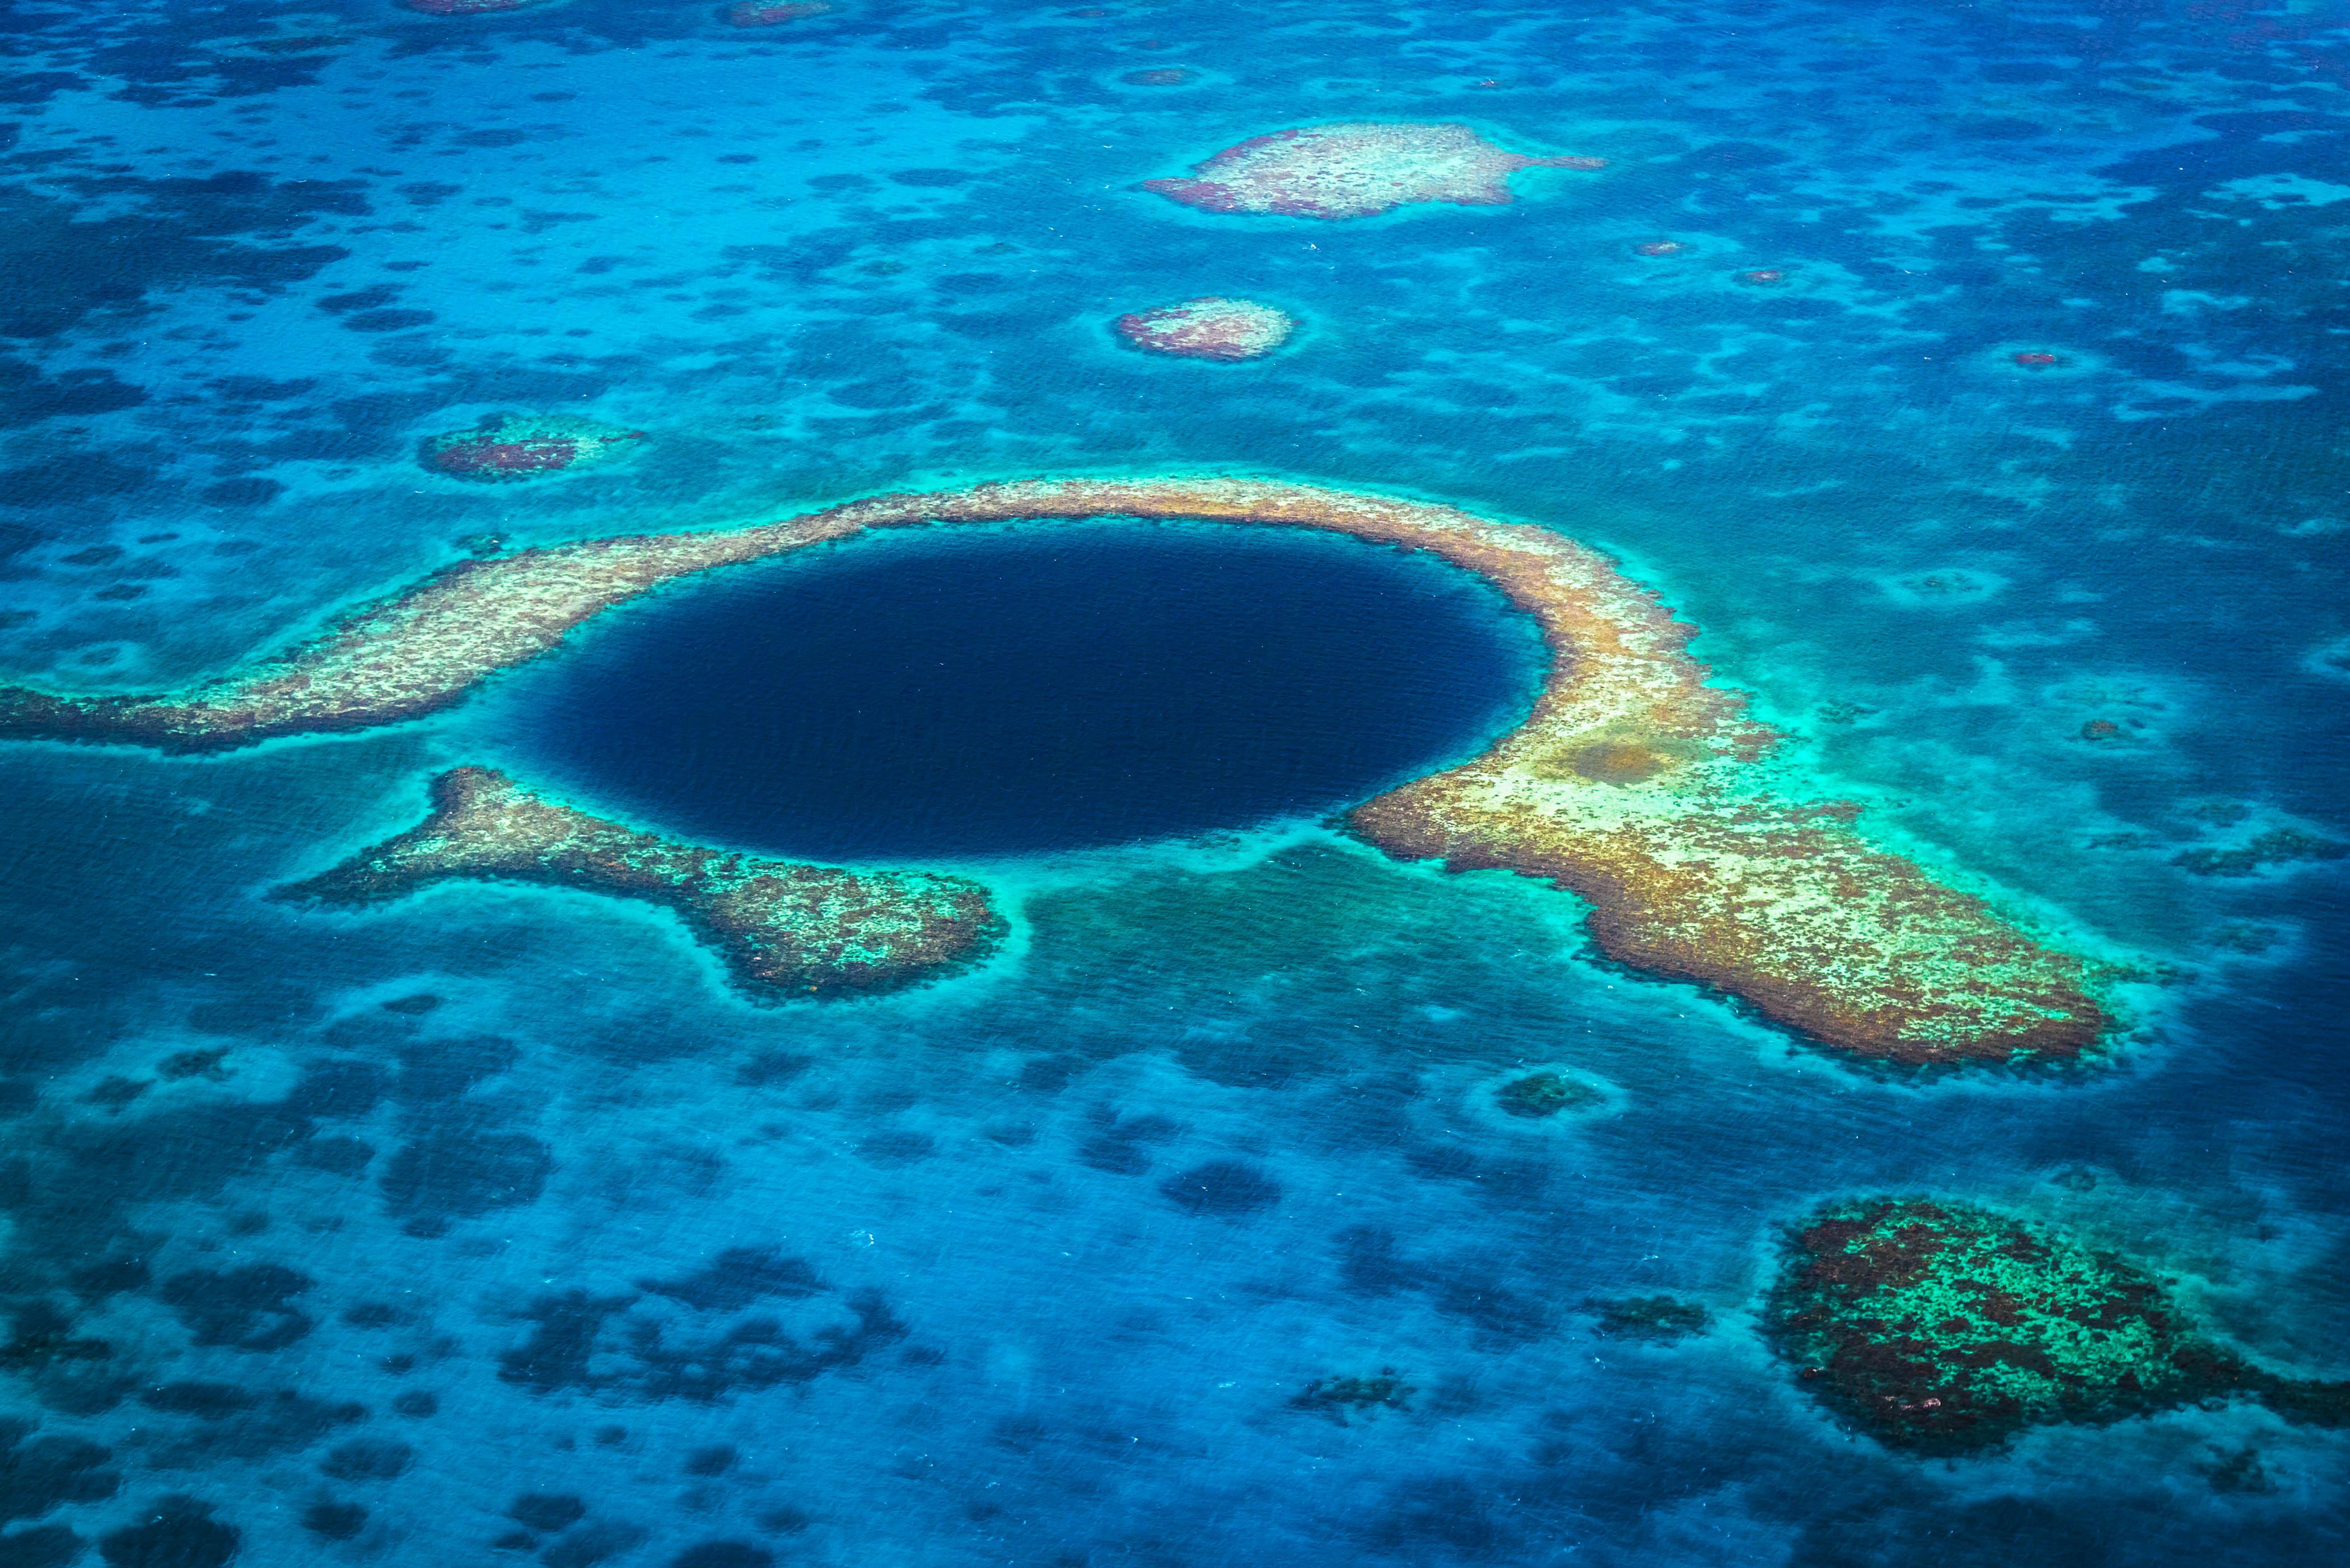 Naturphänomene Blue Hole in Belize